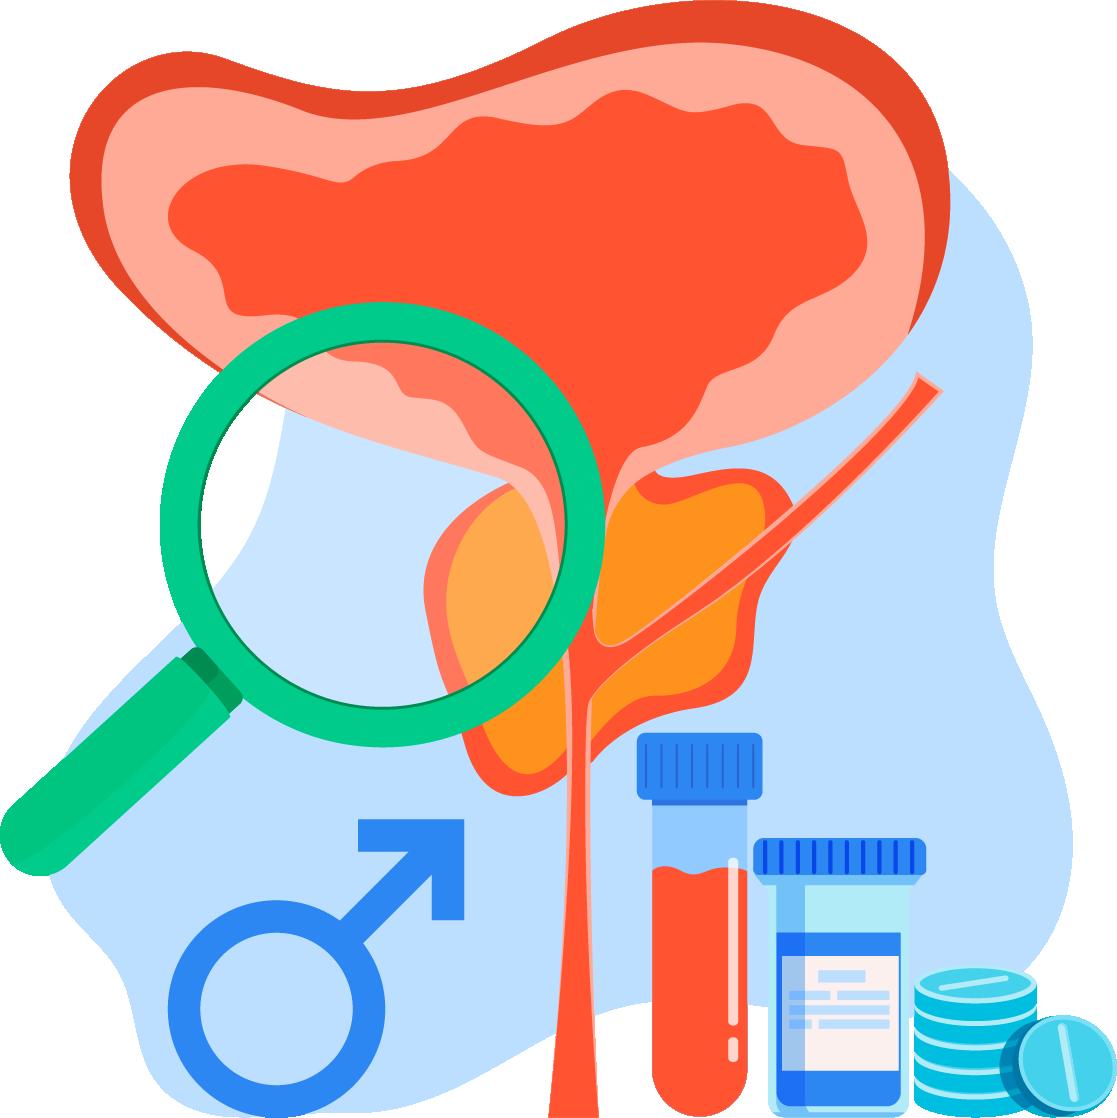 Alami masalah pada bahagian prostat anda? Periksa di sini sekarang!